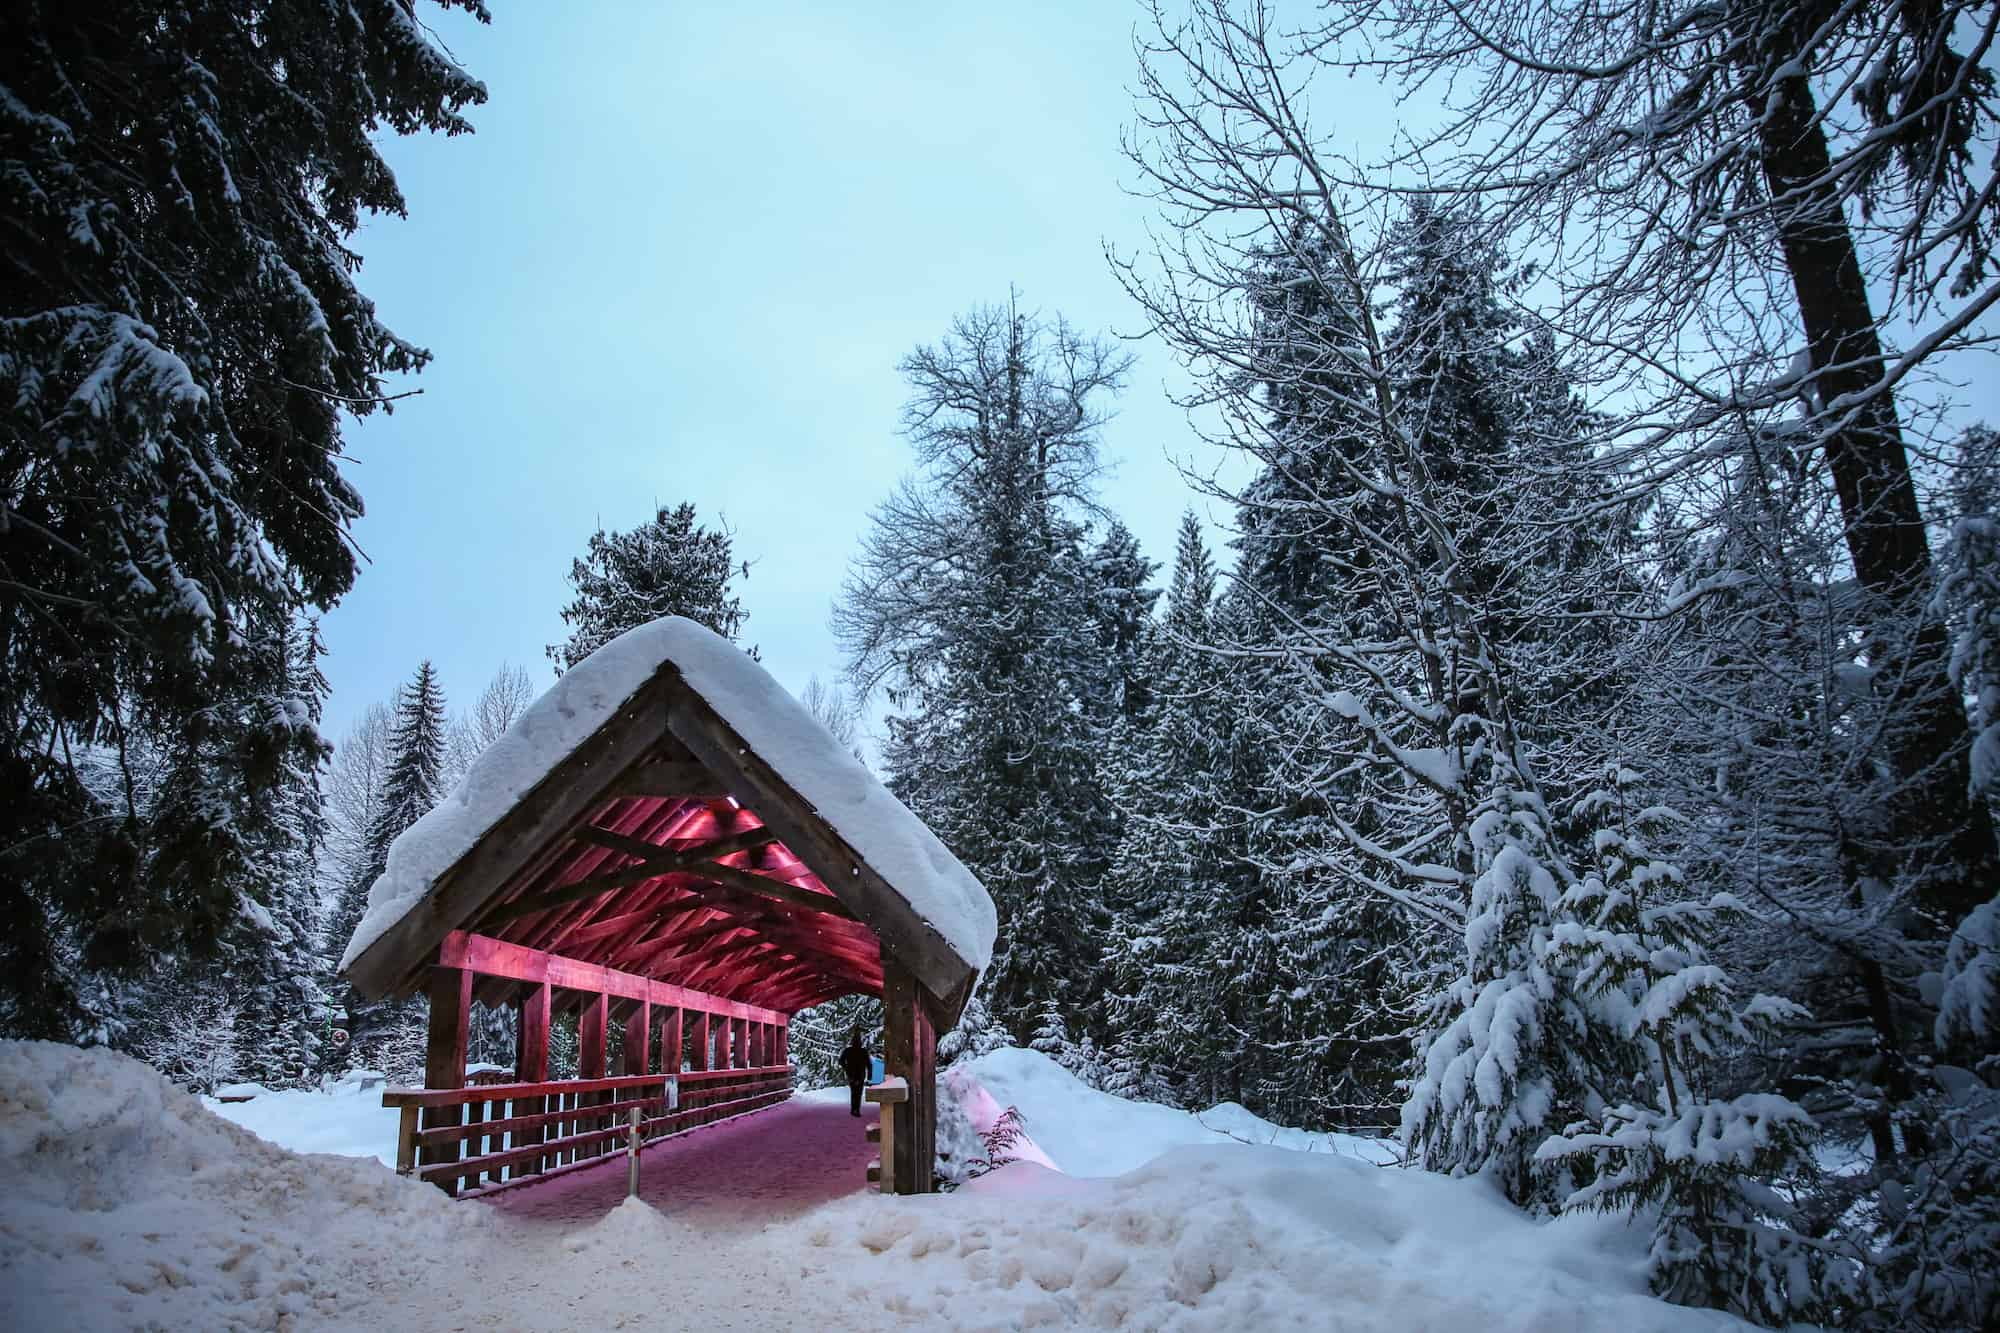 whistler winter travel